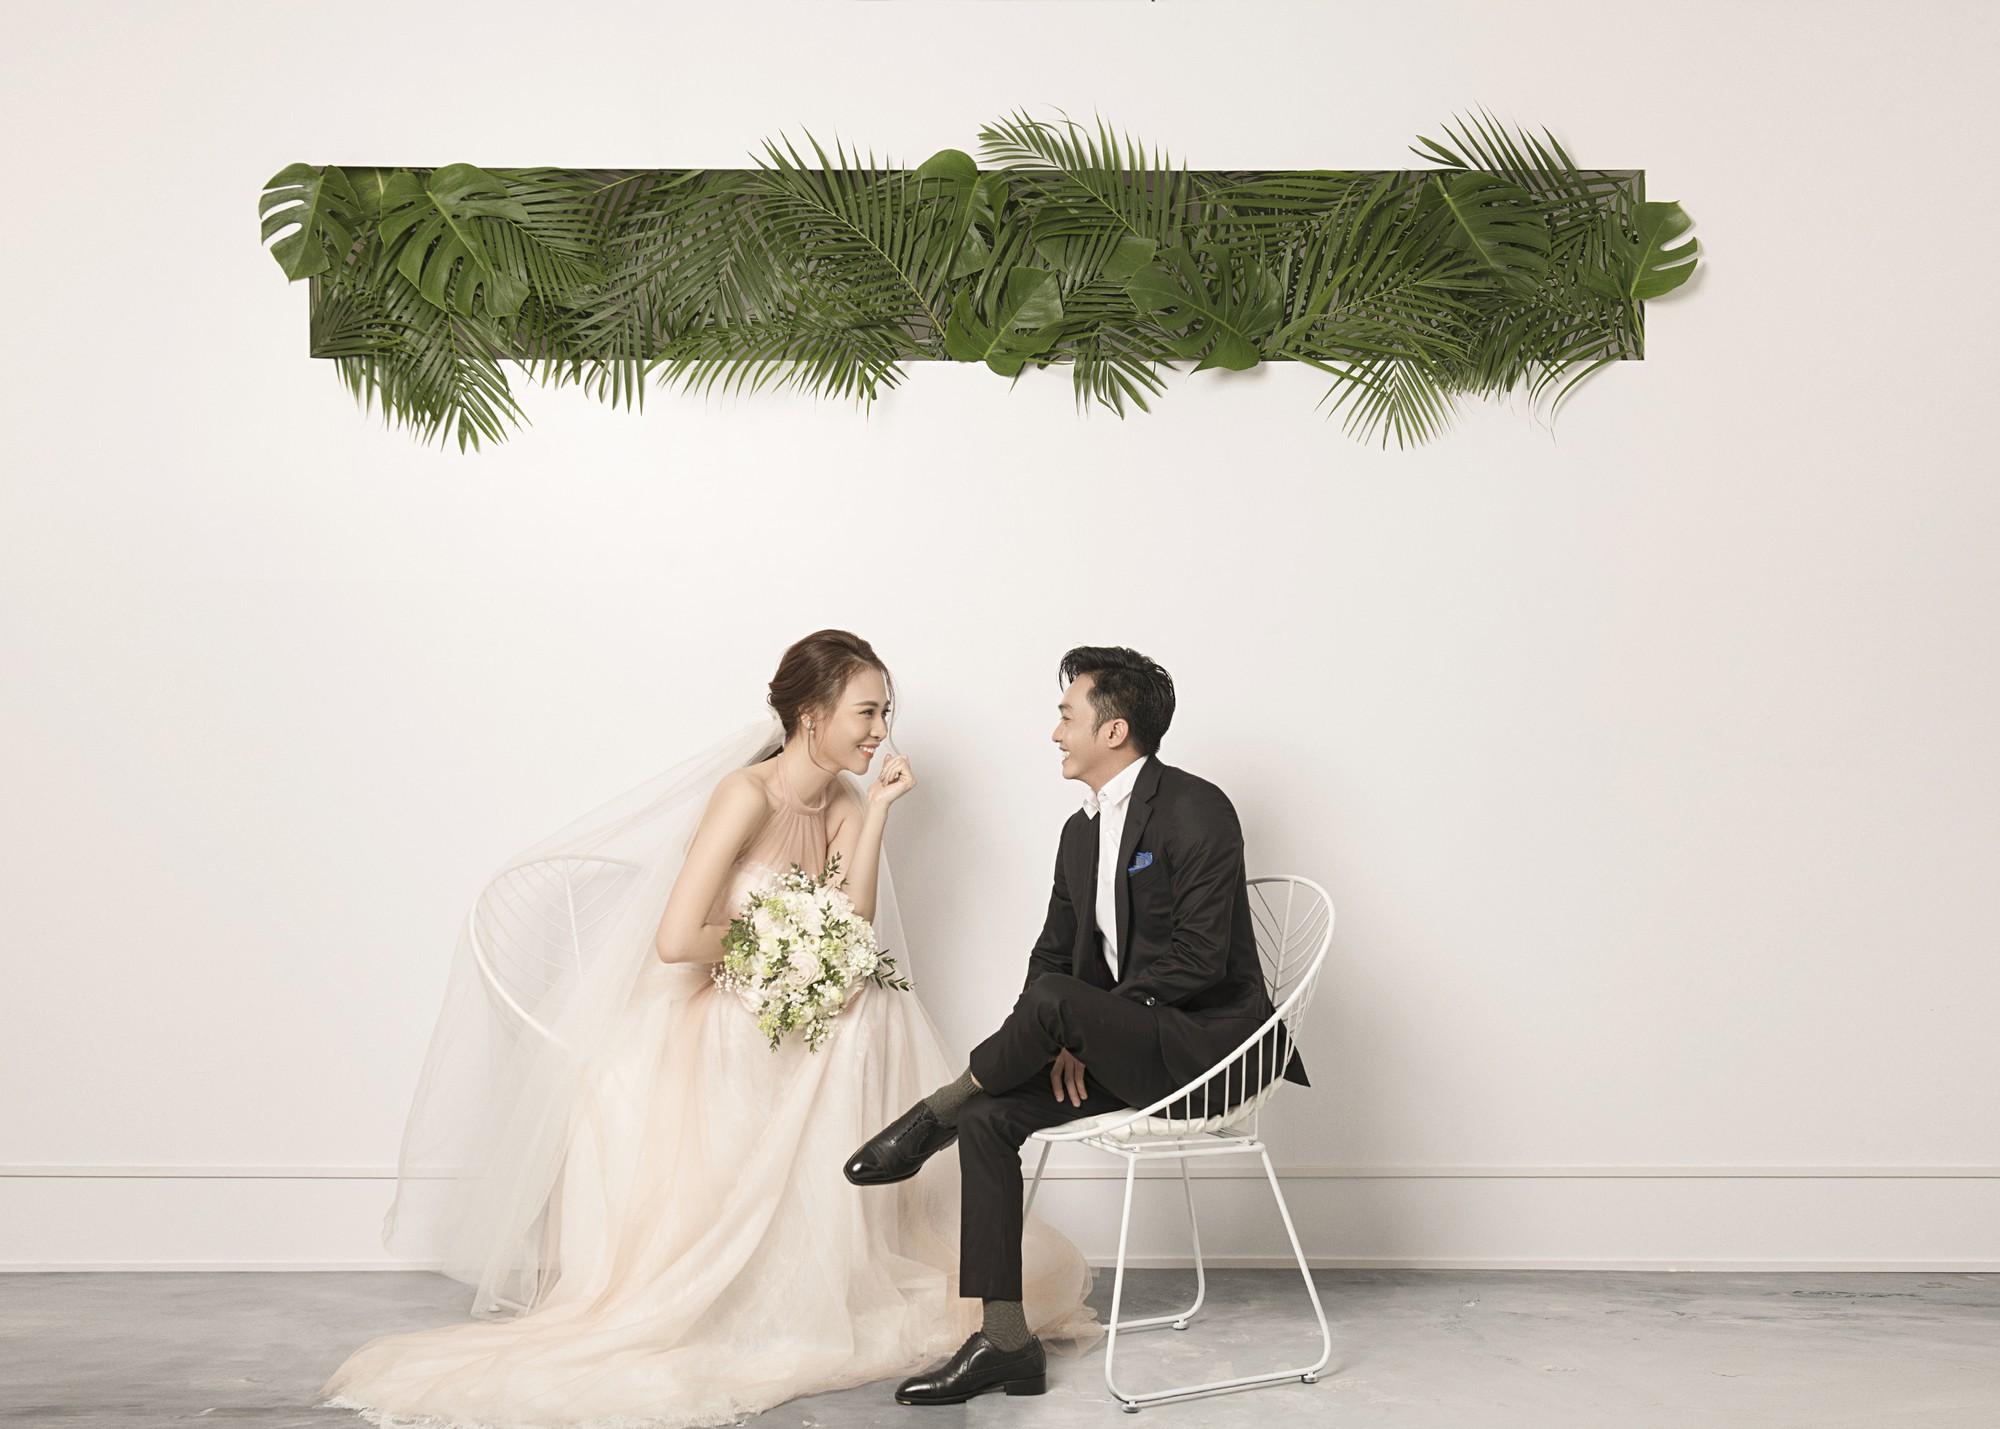 Cường Đôla hôn vợ say đắm trong loạt ảnh cưới mới, bé Subeo thân thiết nắm tay mẹ kế-5